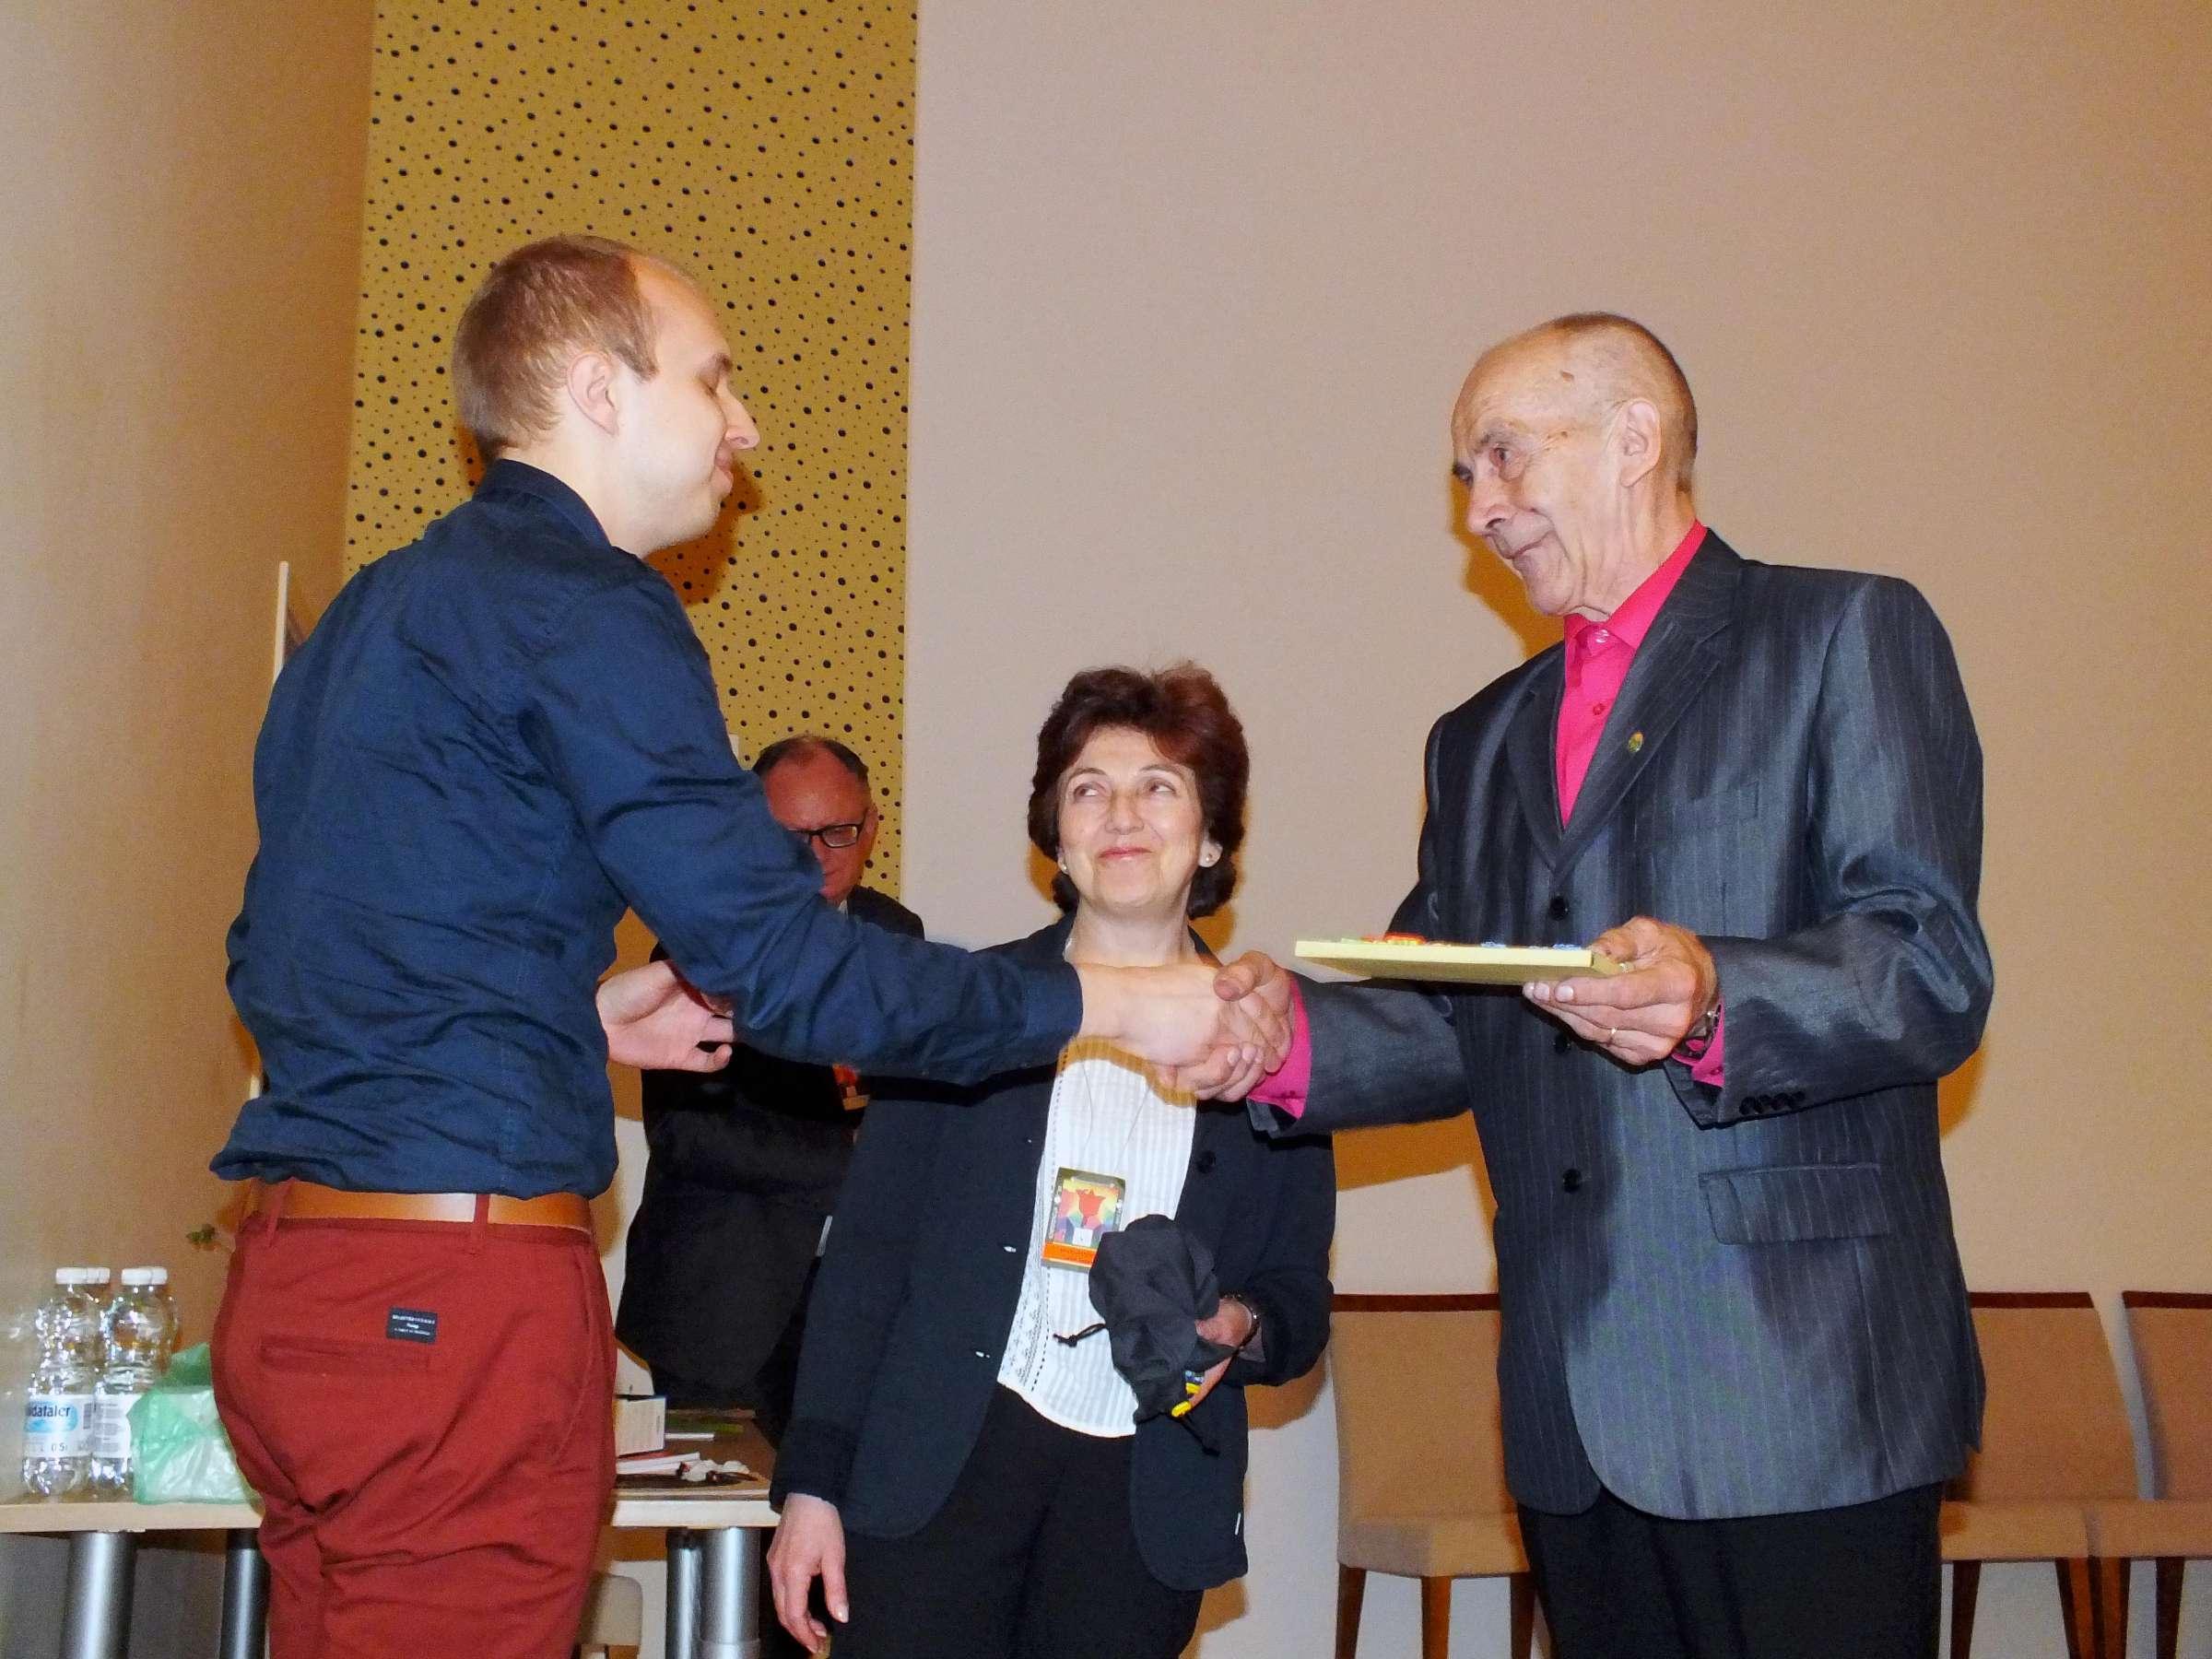 Estijos atstovai Ahti Jundas ir Inna Rubanovitš sveikina VPLD pirmininką Kęstutį Čapkauską | P. Šimkavičiaus nuotr.